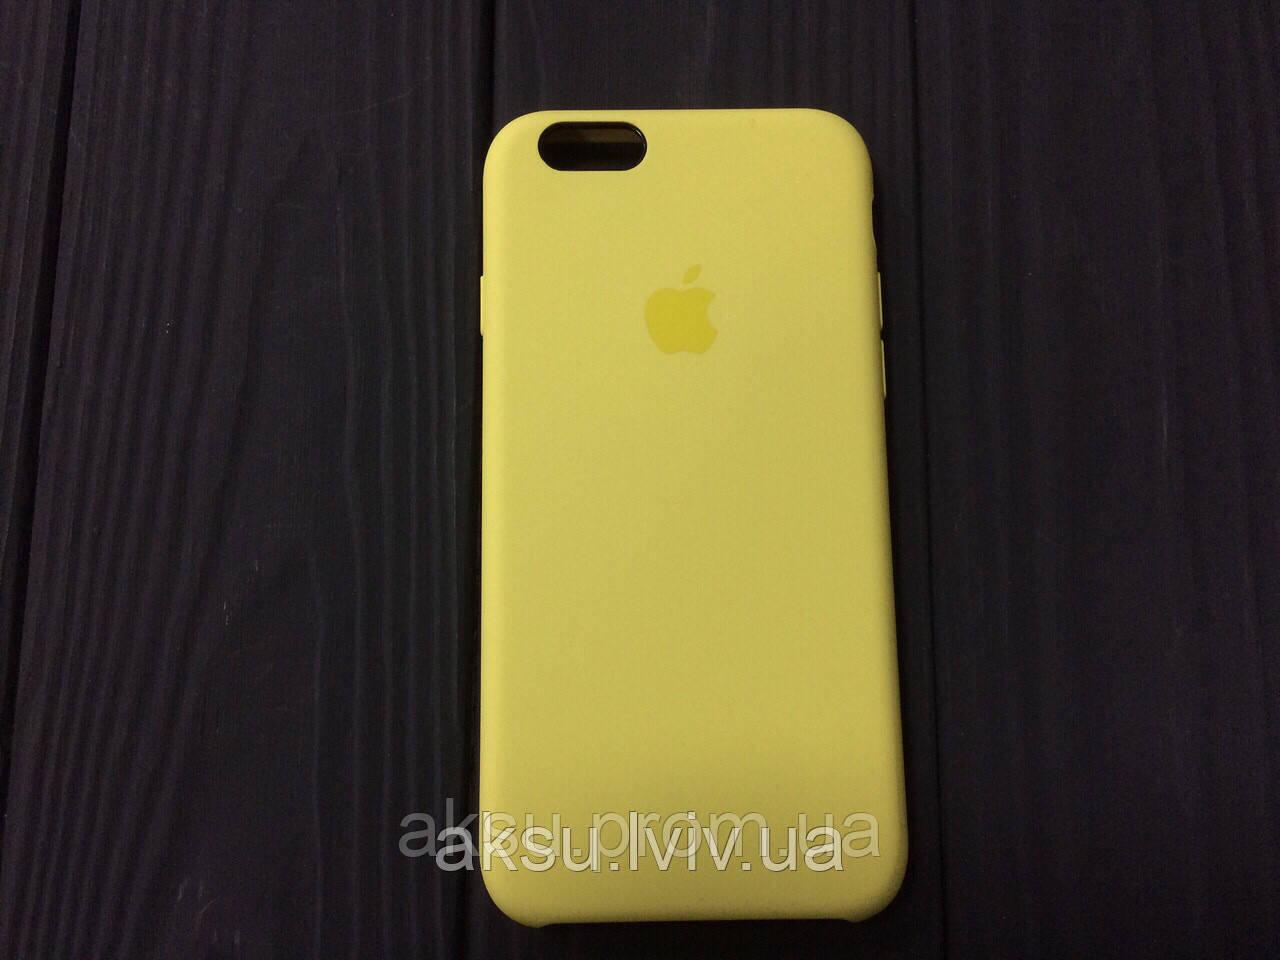 Чехол Silicone case для iPhone 6 / 6s yellow